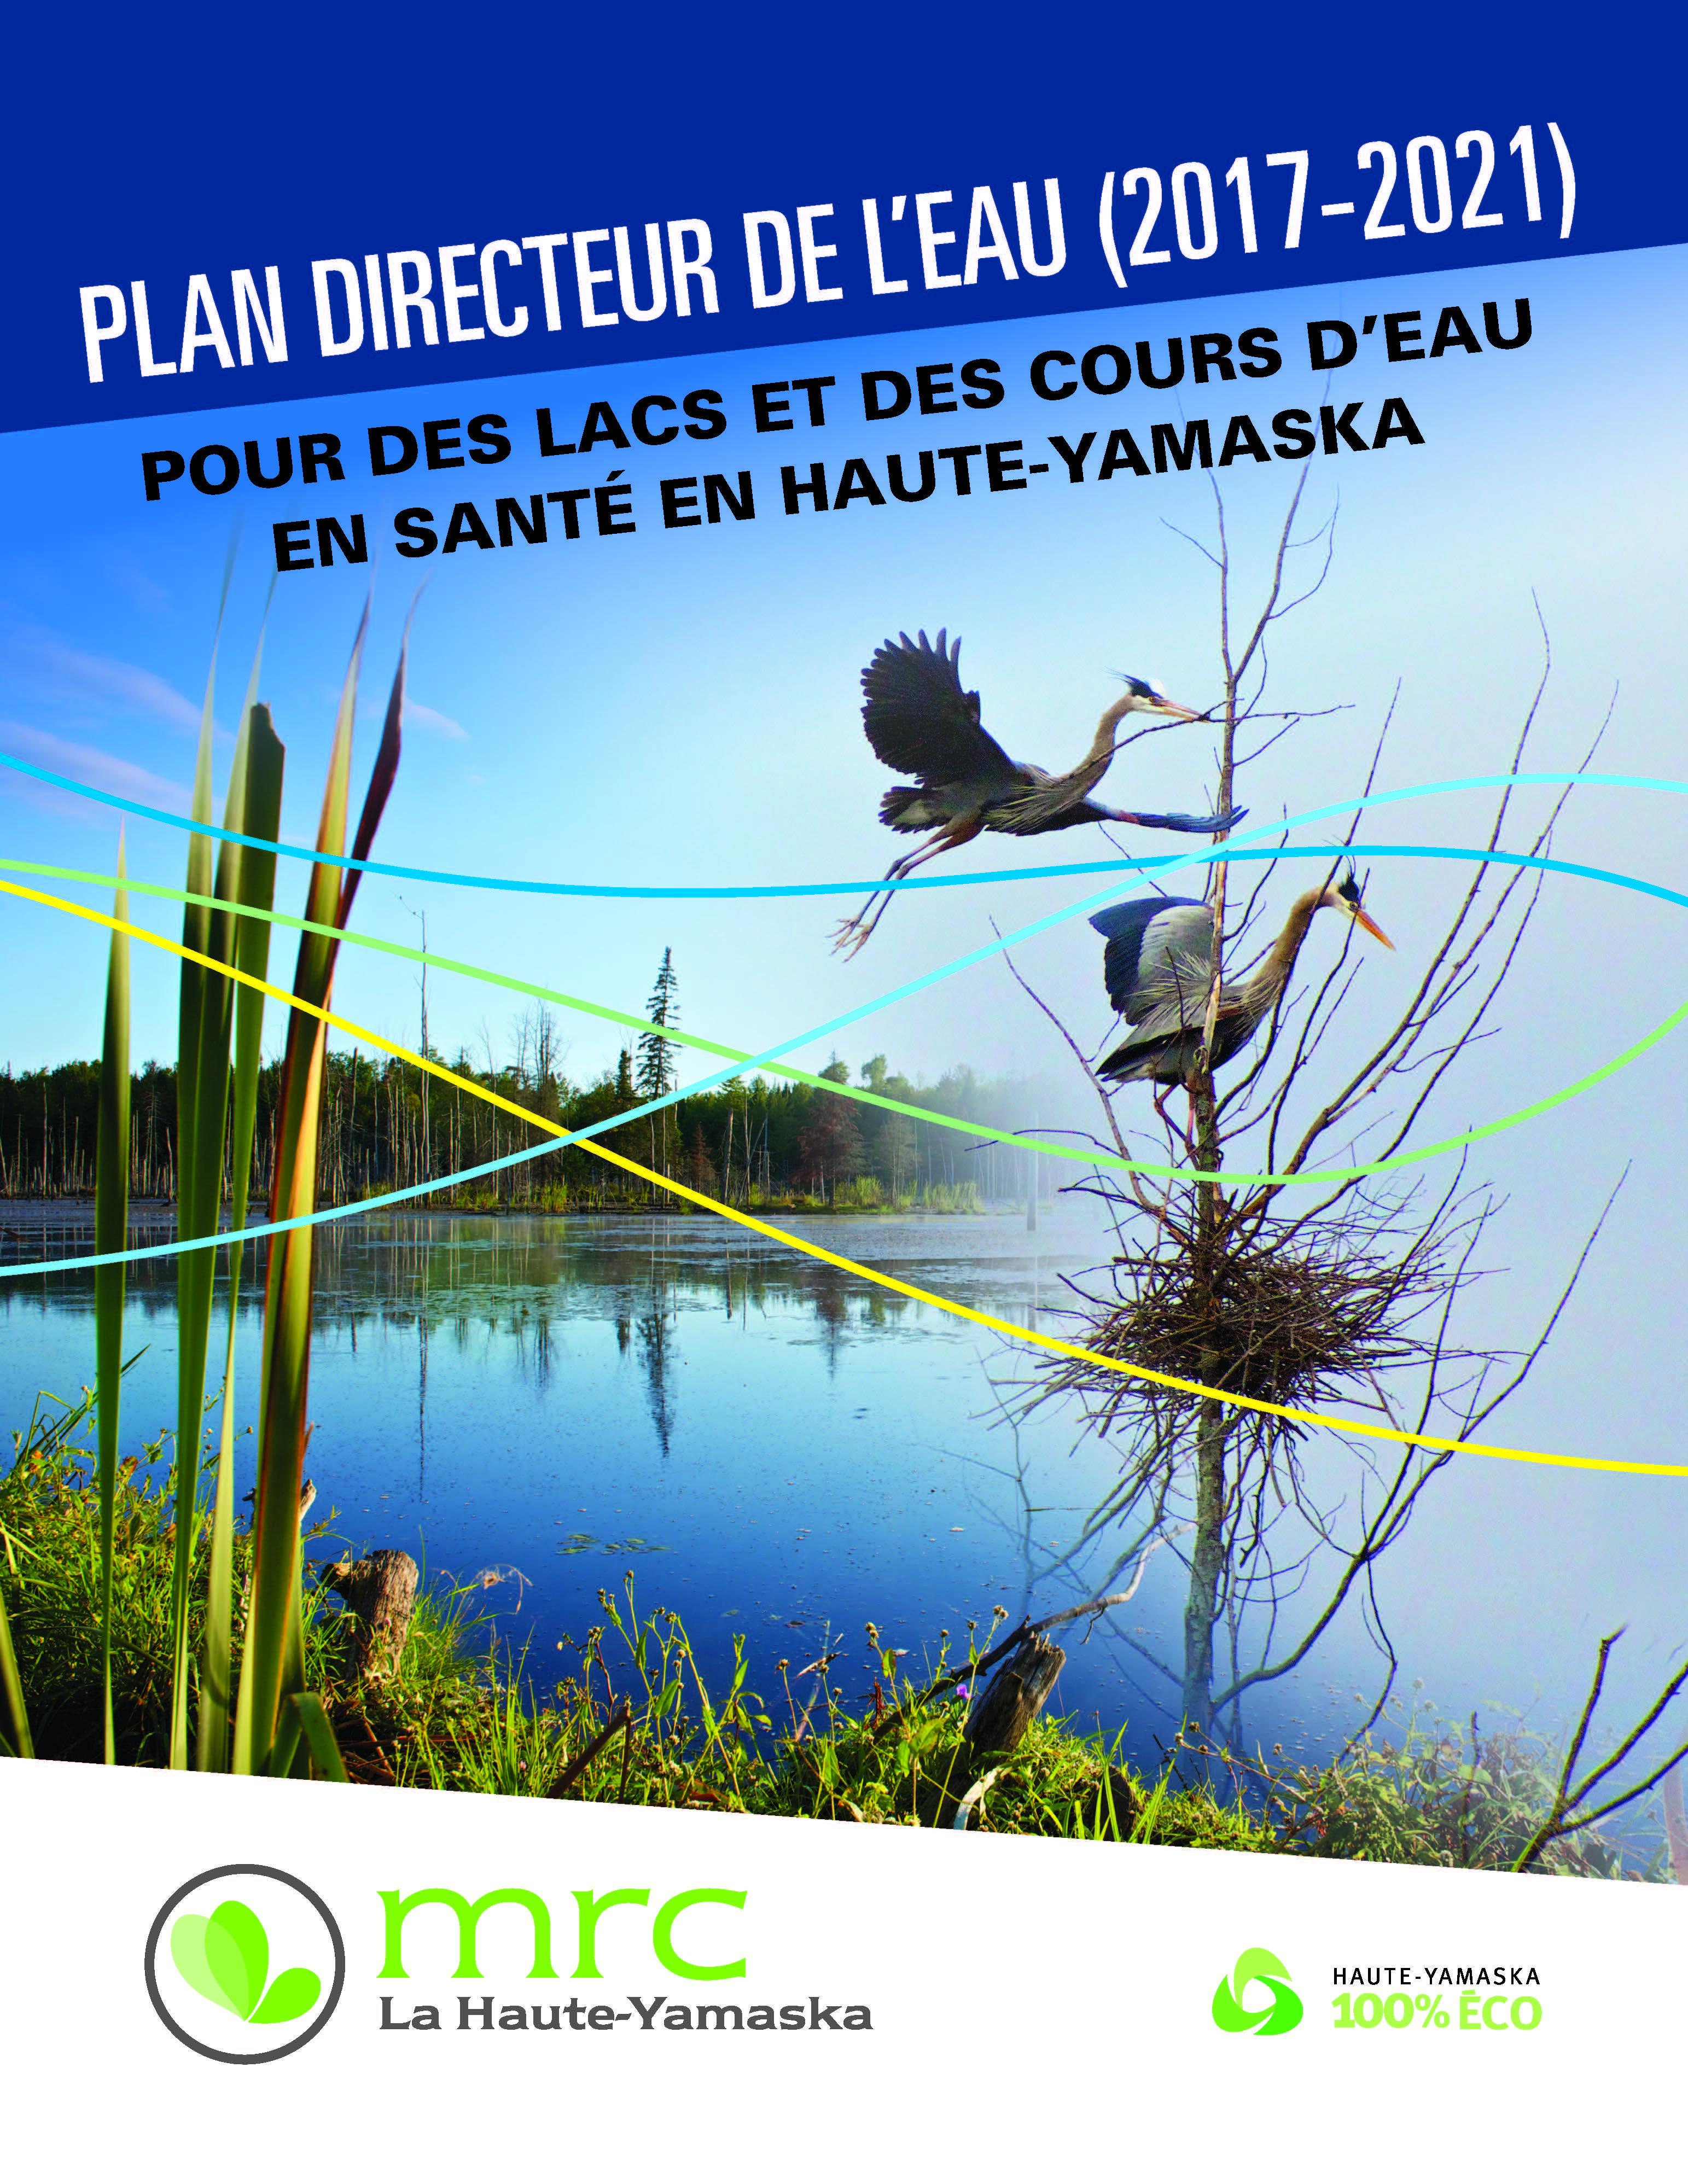 Le Plan directeur de l'eau 2017-2021 finaliste aux Prix d'excellence de l'administration publique du Québec